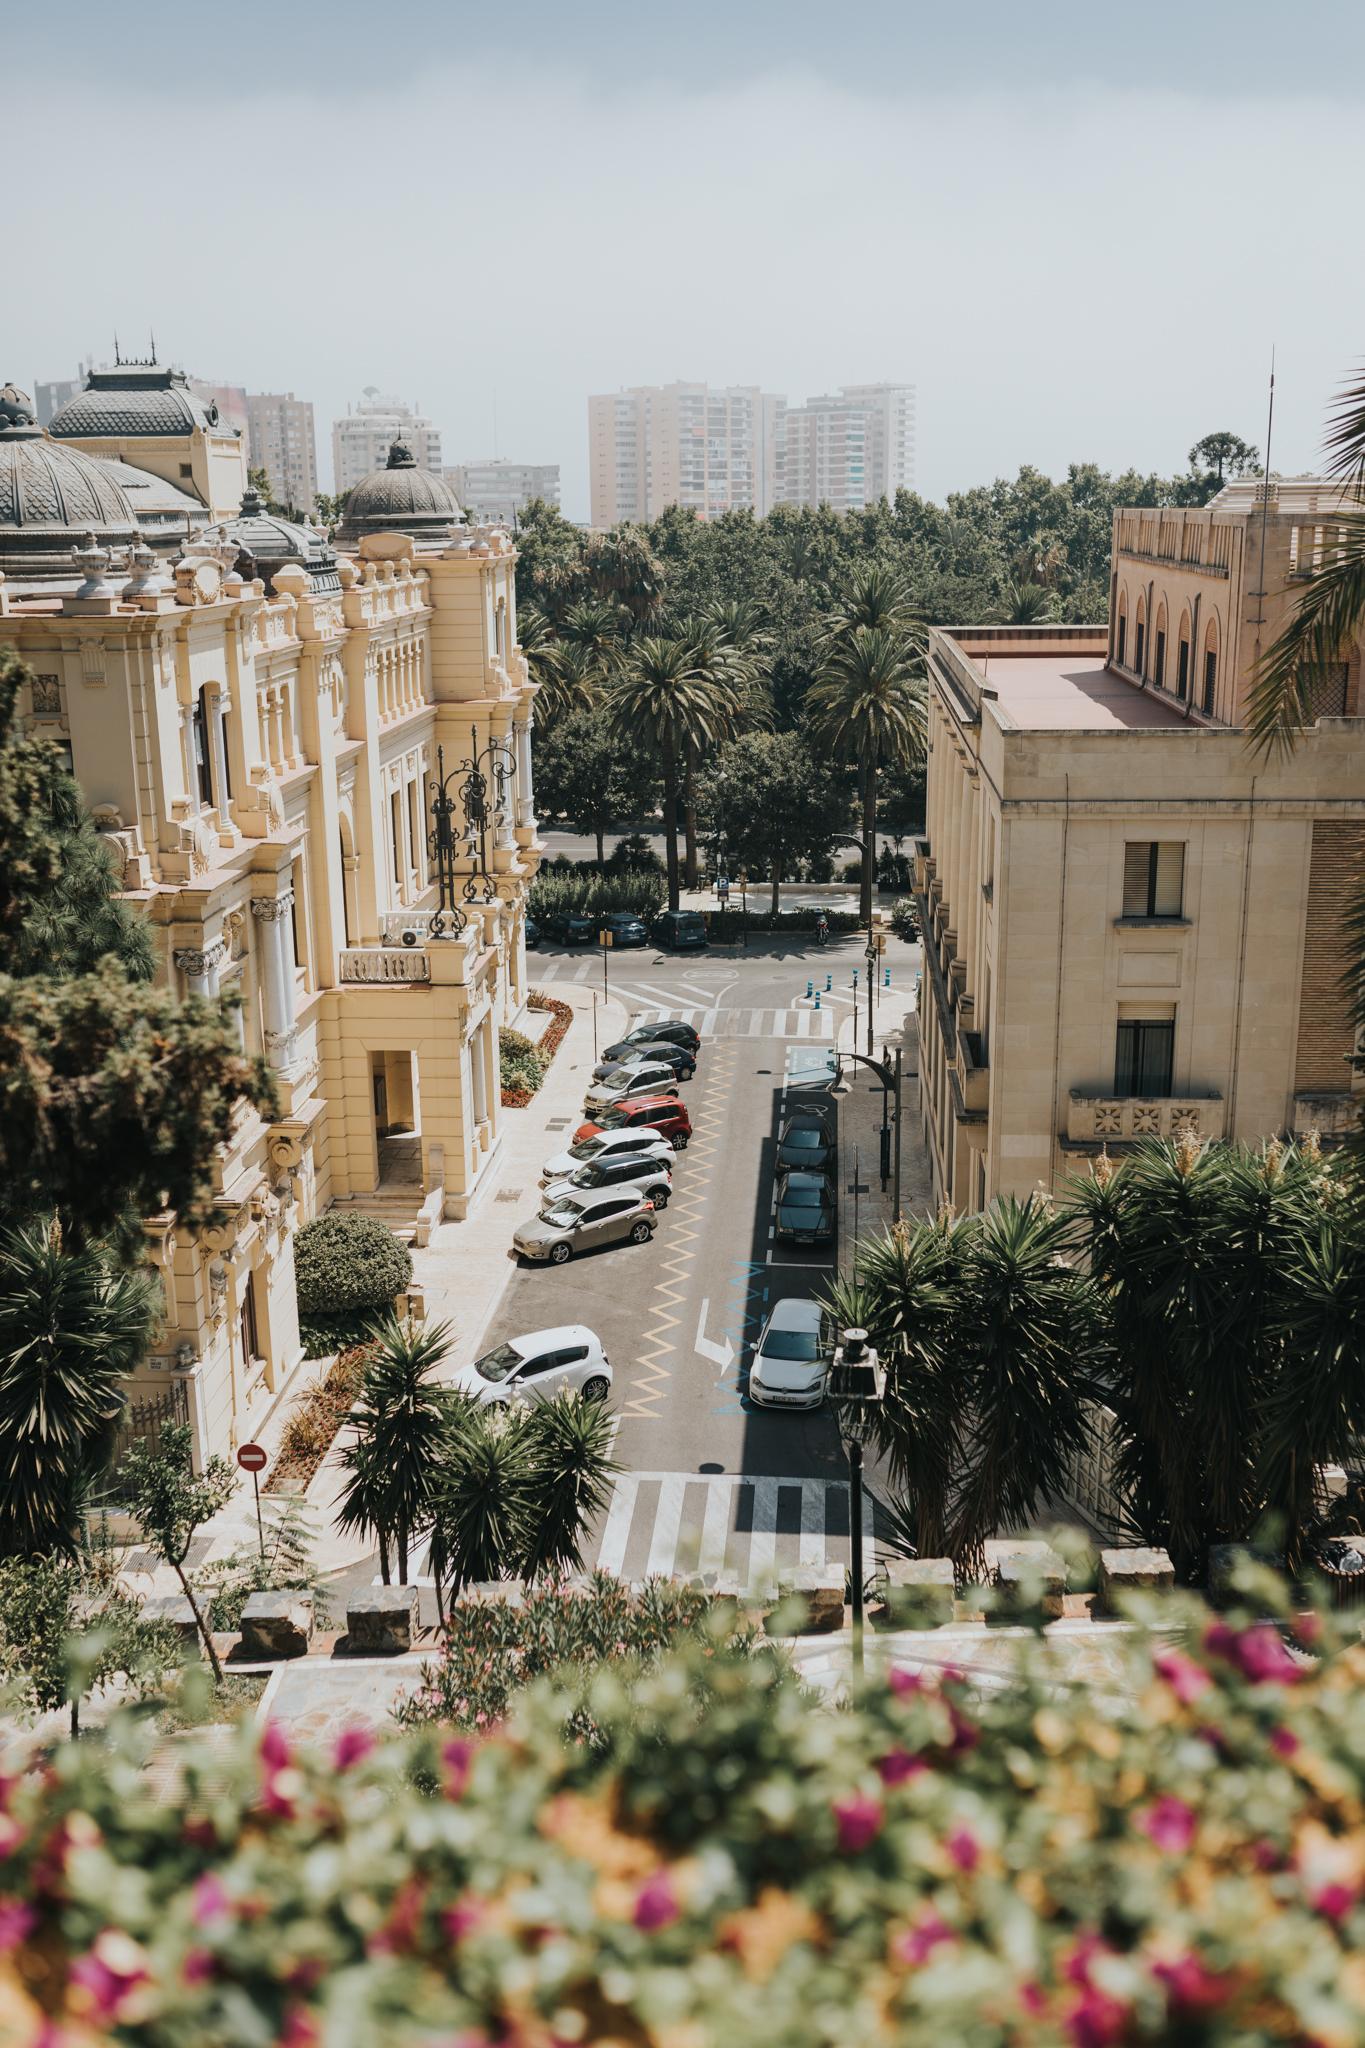 Natalie Skoric - Spain Travel Photography-20.jpg